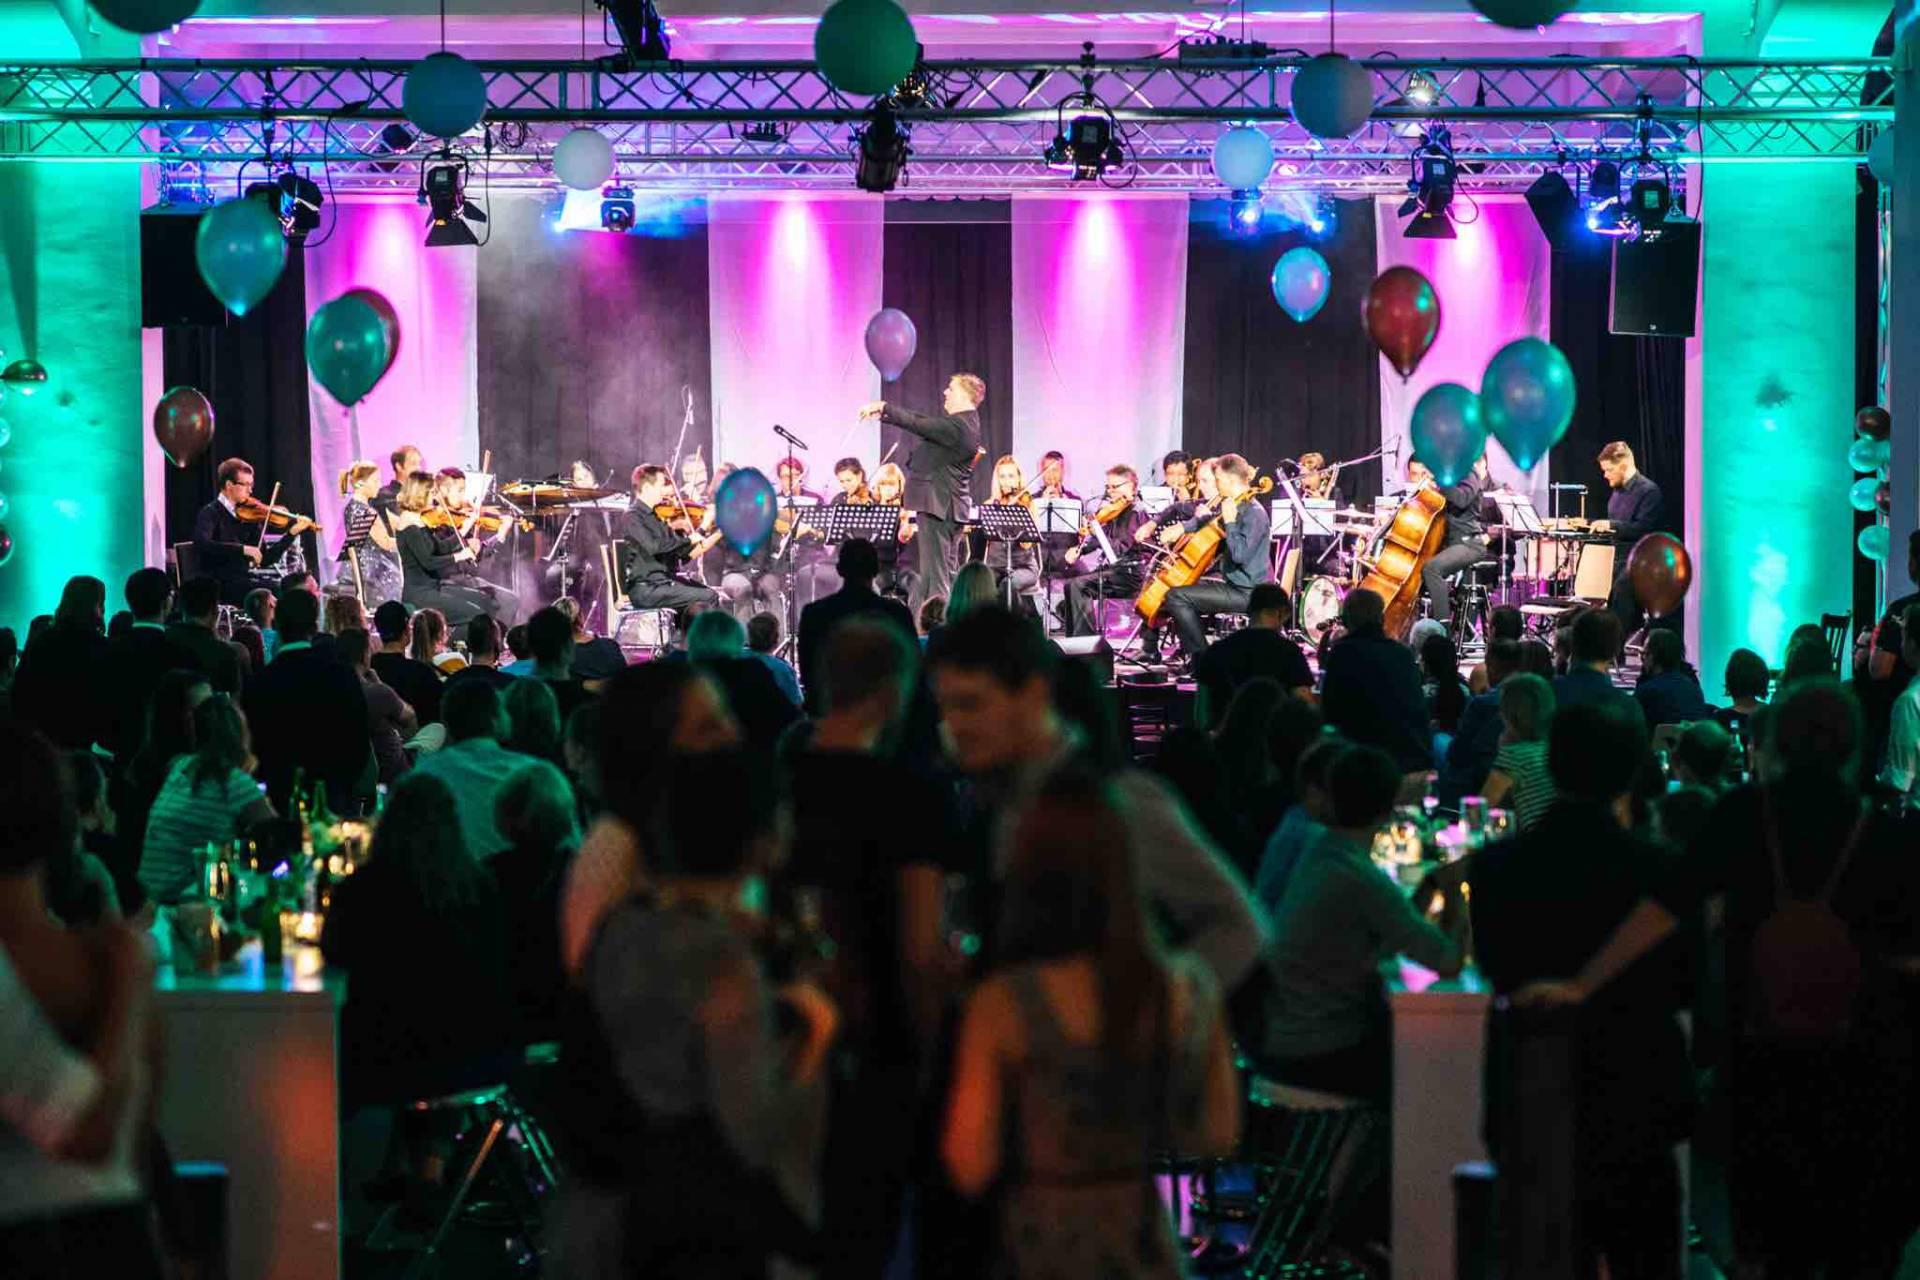 Ein komplettes Orchester auf der großen Bühne.